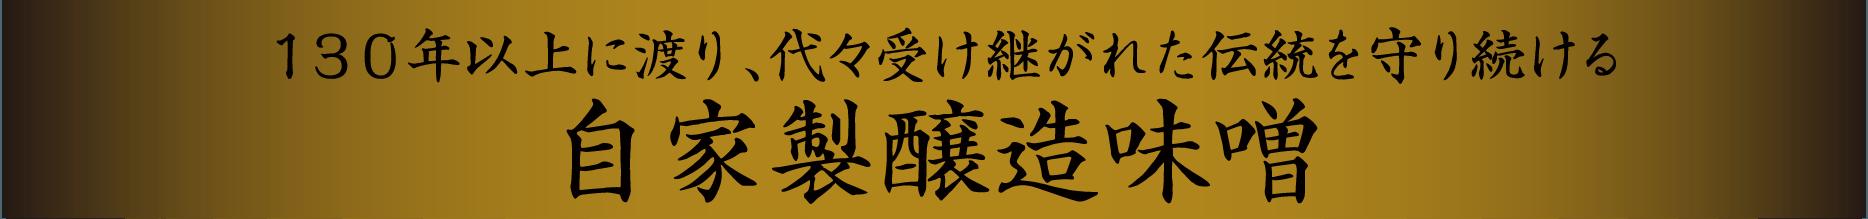 130年以上に渡り、代々受け継がれた伝統を守り続ける自家製醸造味噌